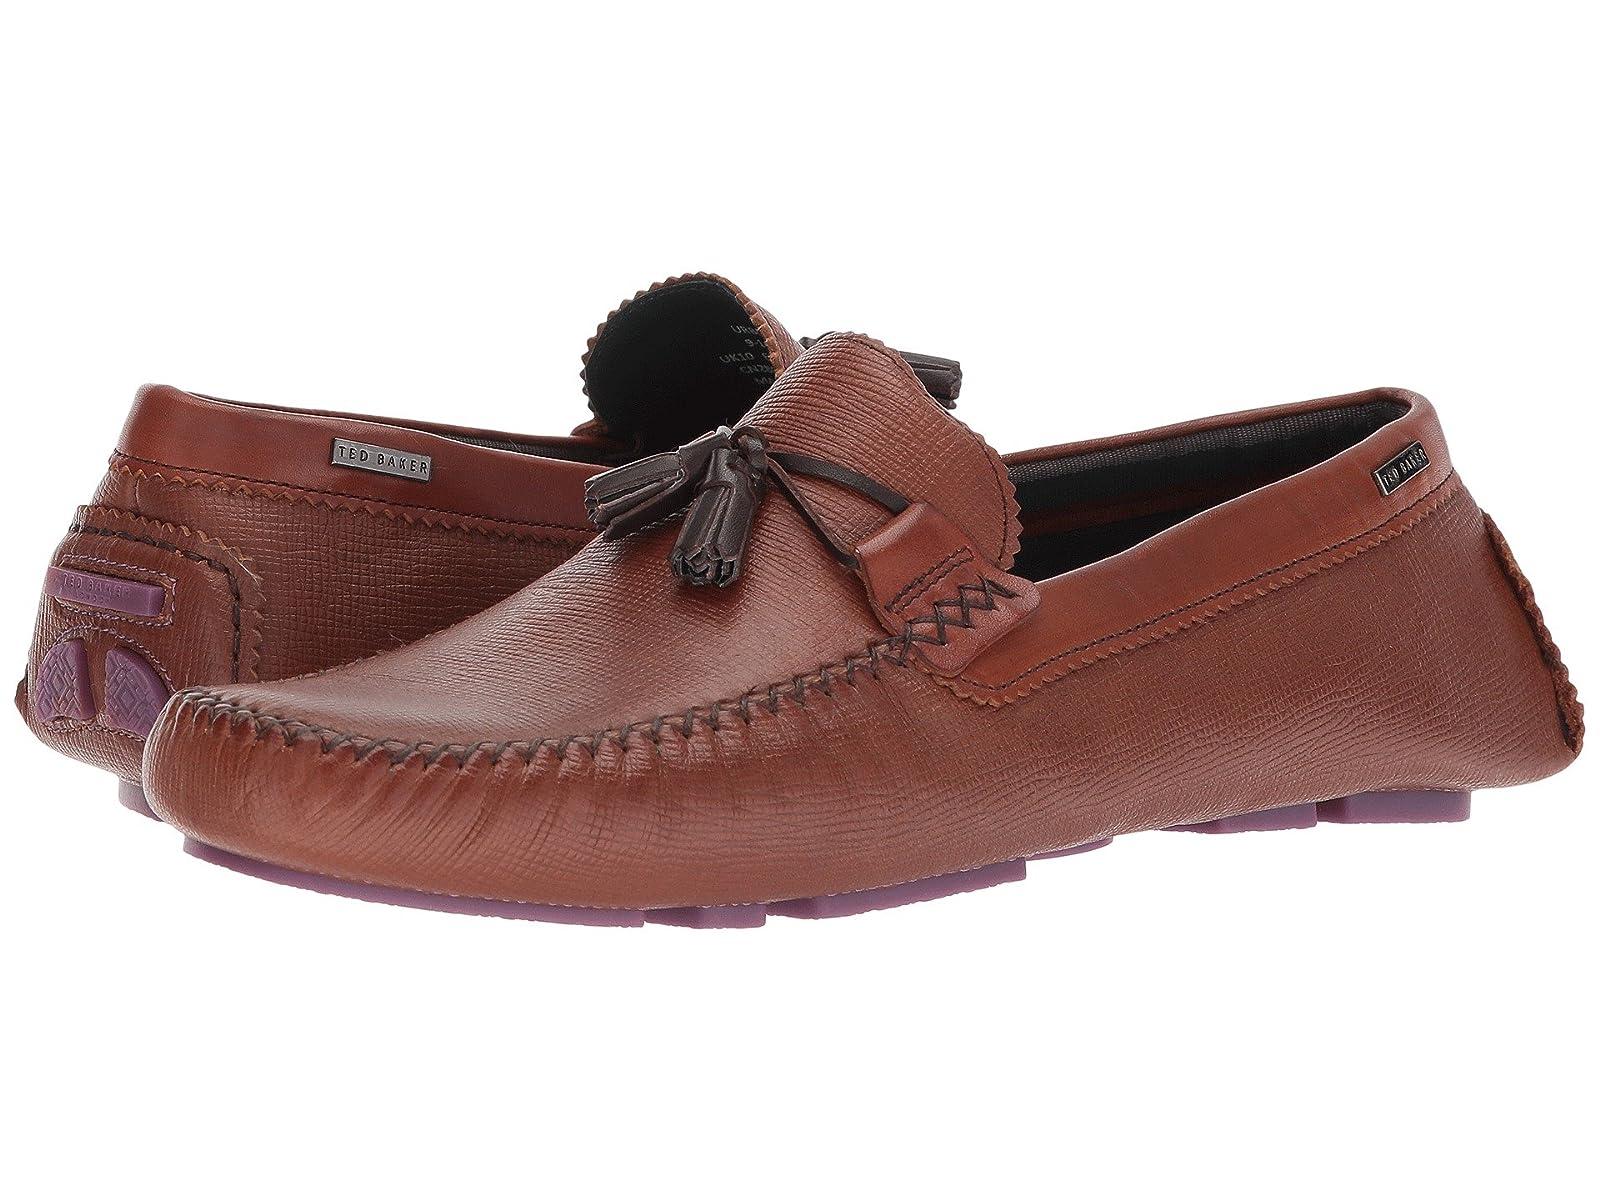 Ted Baker UrbonnAtmospheric grades have affordable shoes